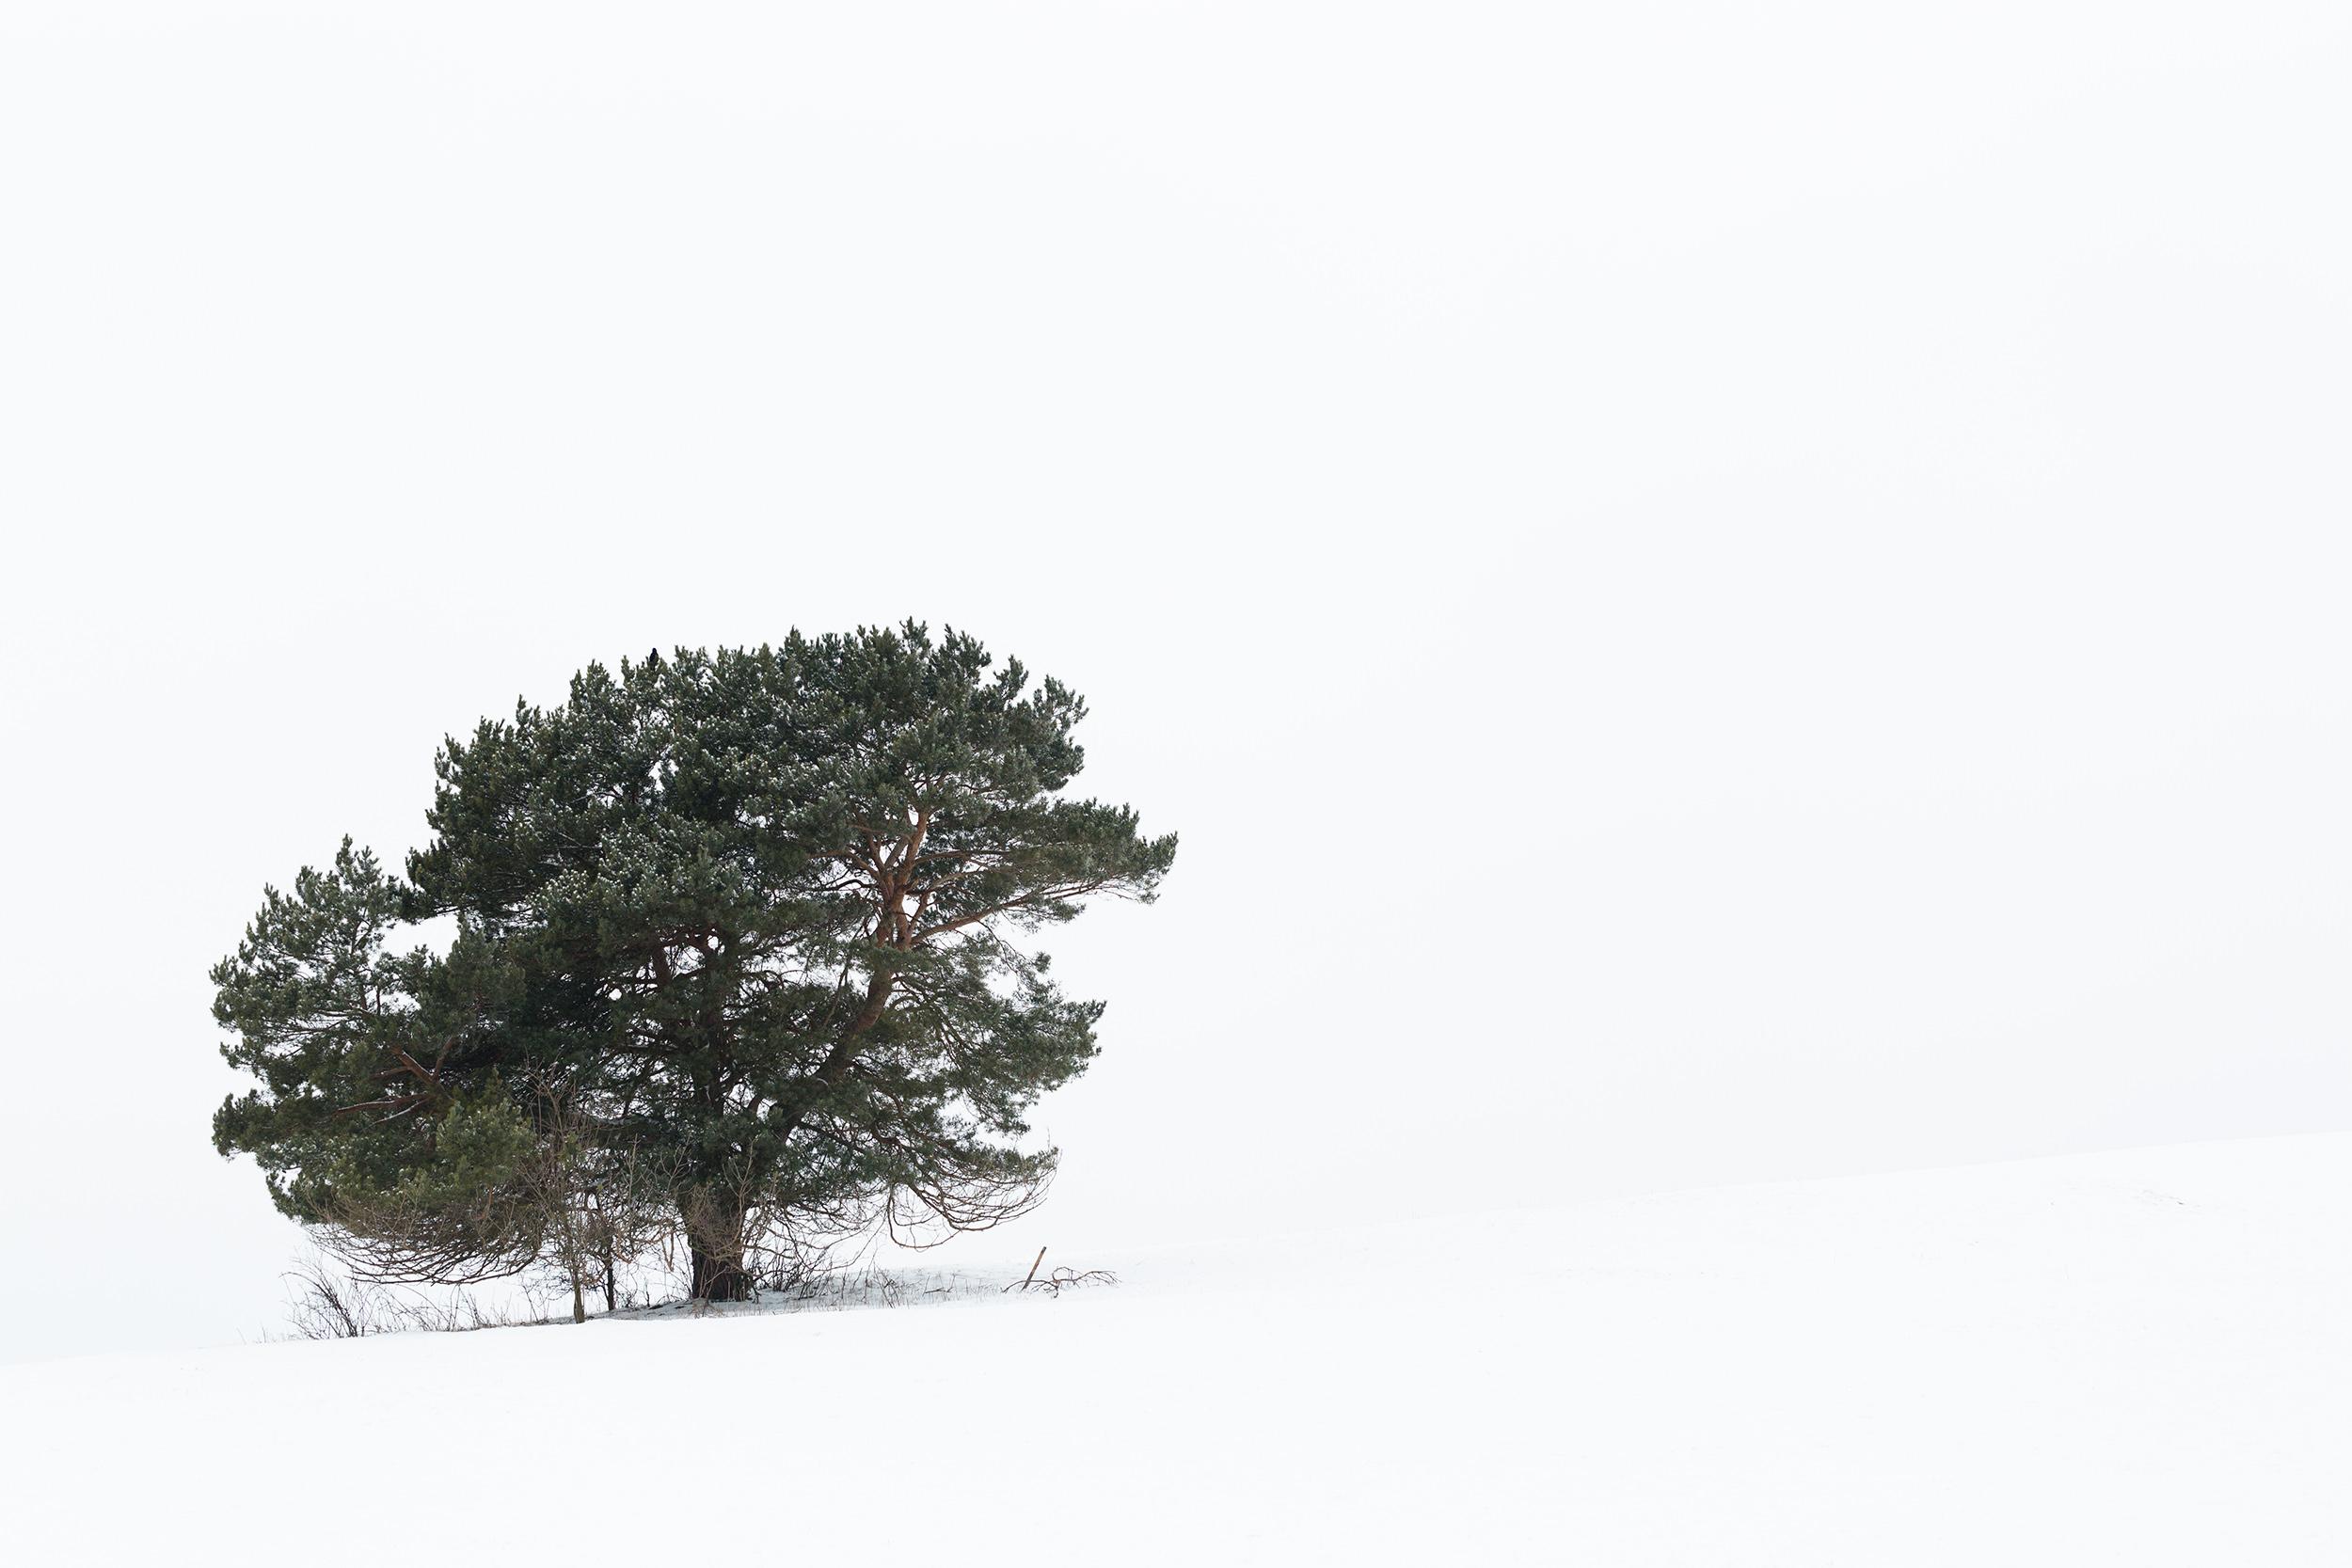 Verschneiter Baum auf einer verschneiten Wiese.